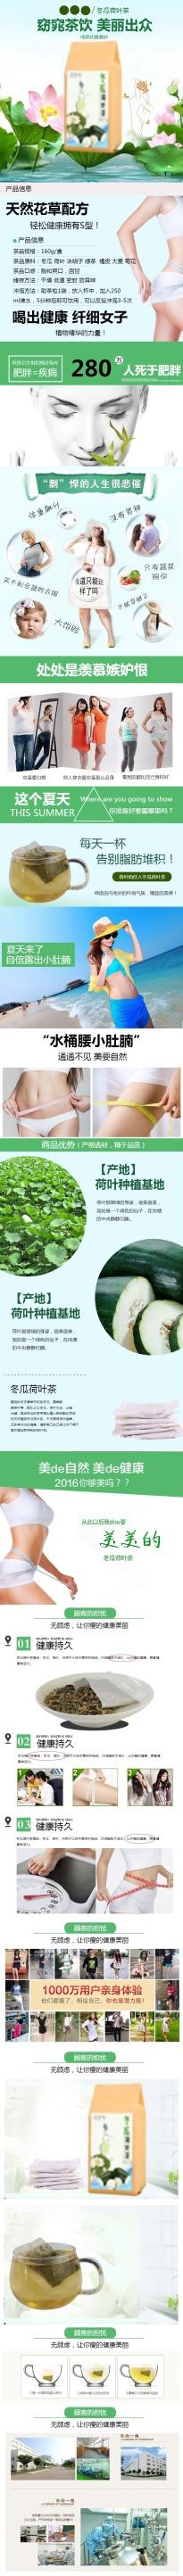 清新文艺生活花茶电商详情图